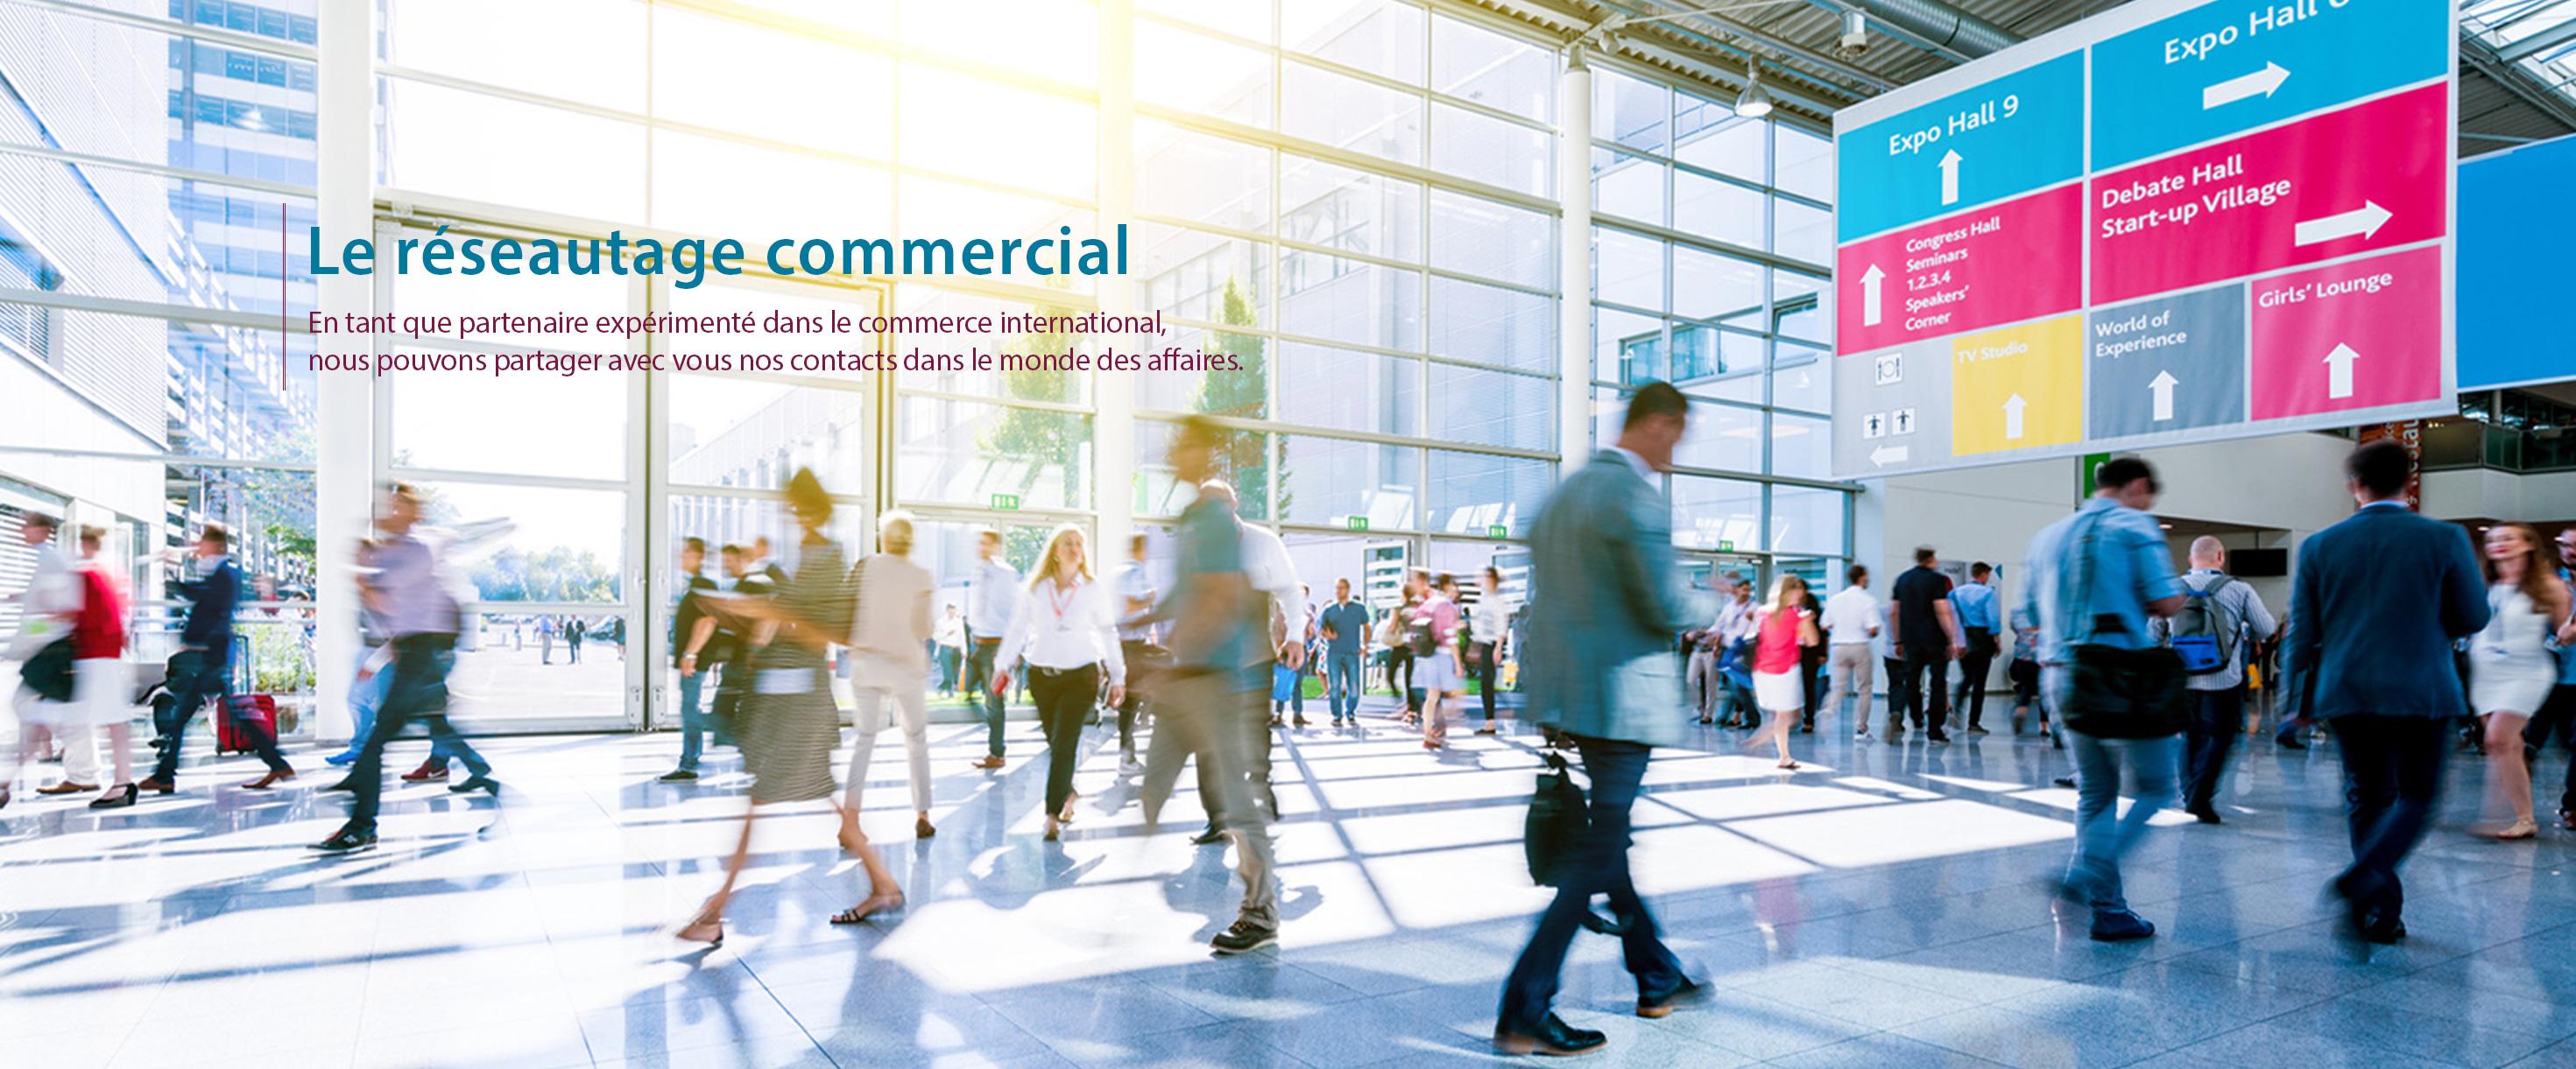 Le réseautage commercial